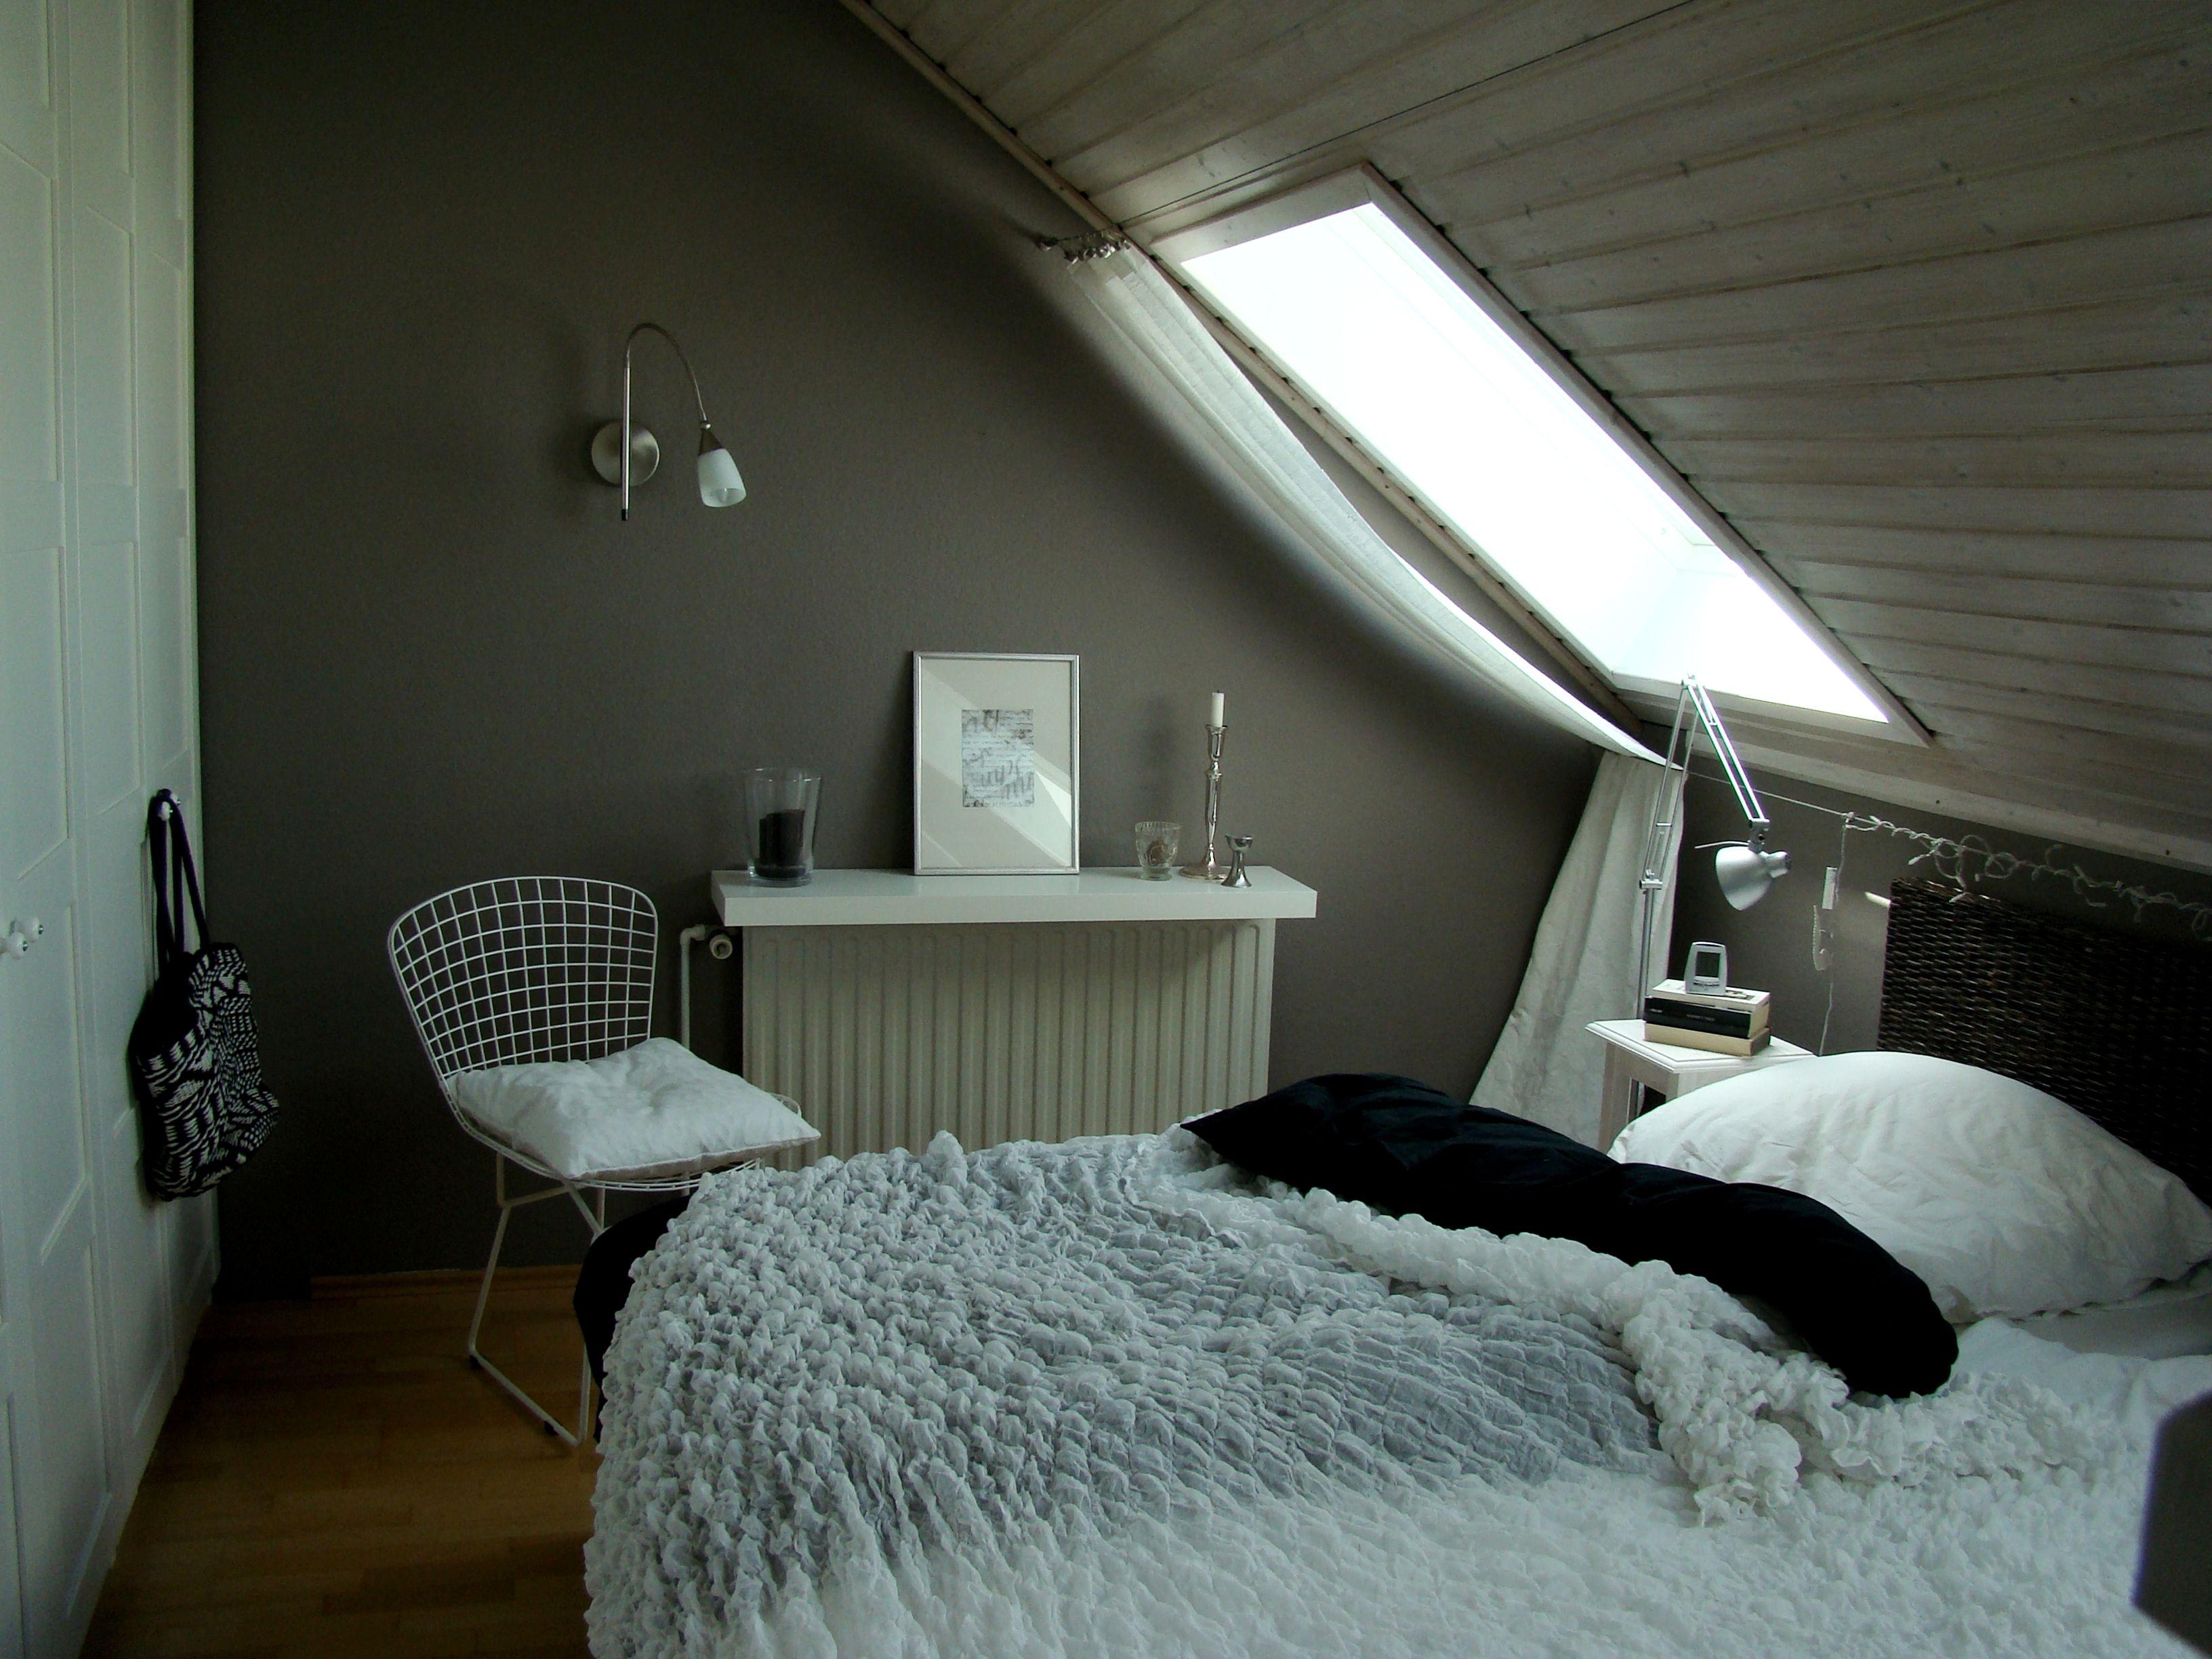 Mein Schlafzimmer Dachschräge Einrichten Schlafzimmer Dachschräge Zimmer Mit Dachschräge Einrichten